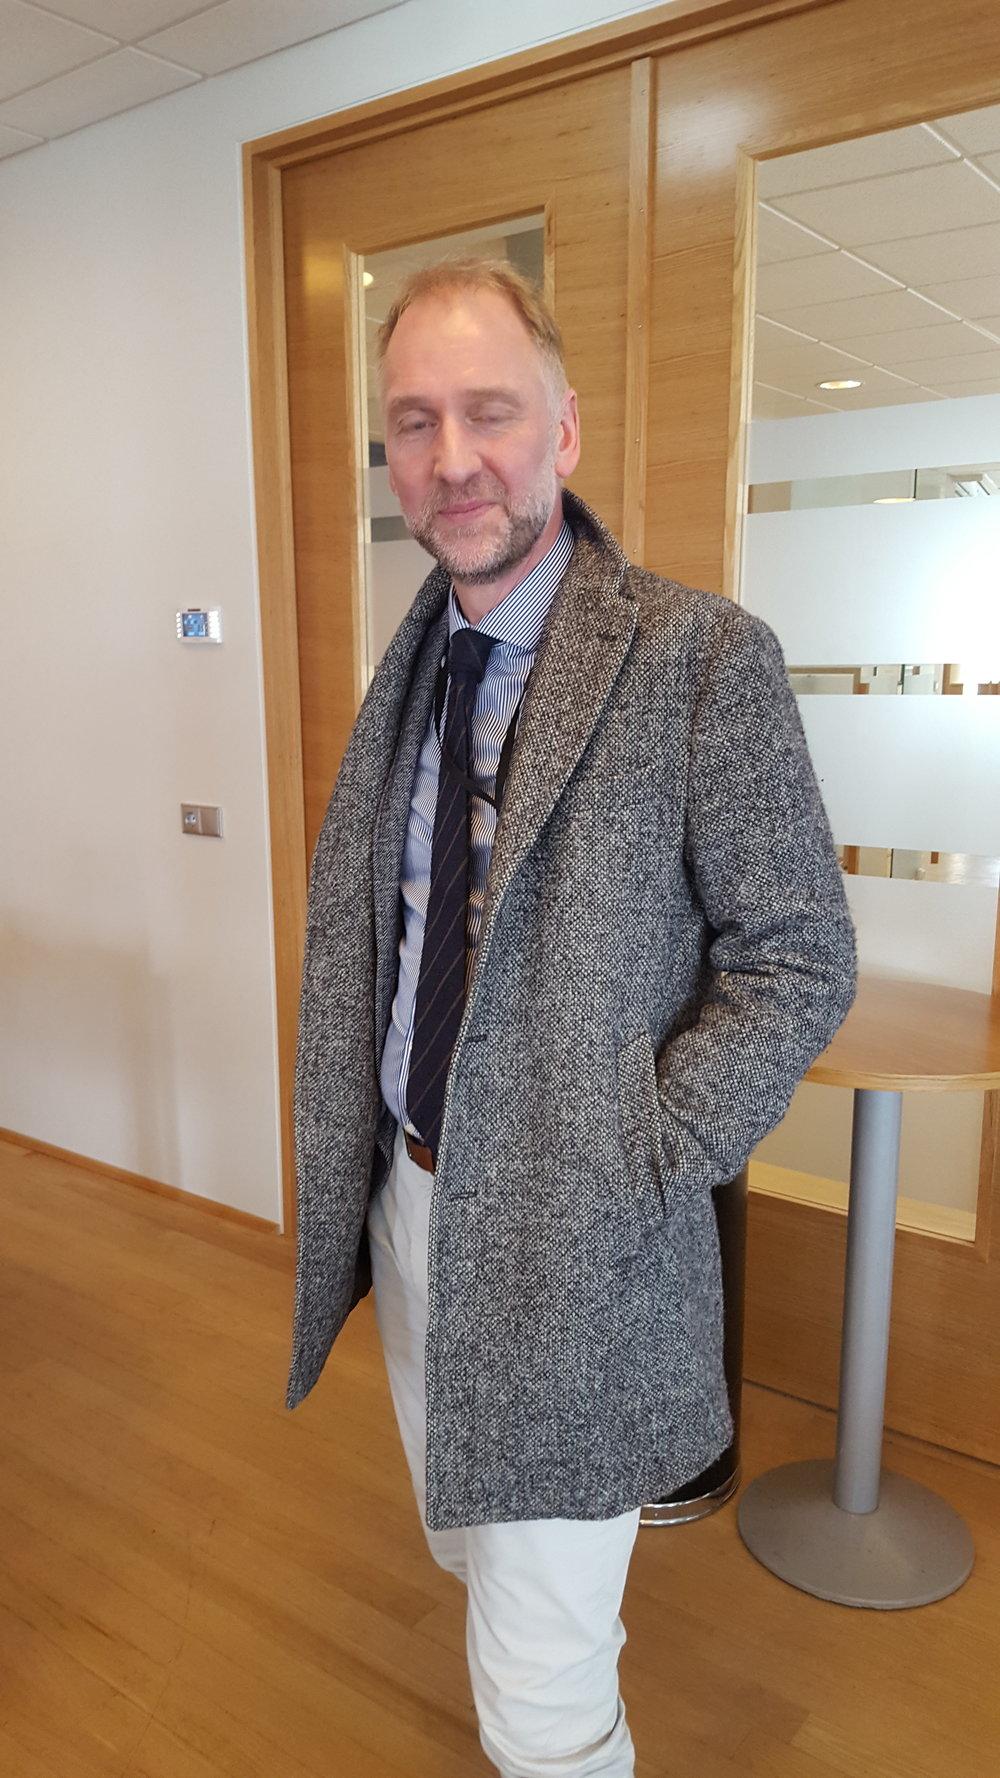 Einar Birkir Einarsson sérfræðingur hjá Fjármálaráðuneytinu hélt tölu um upplýsingamál ríkisins í dag.